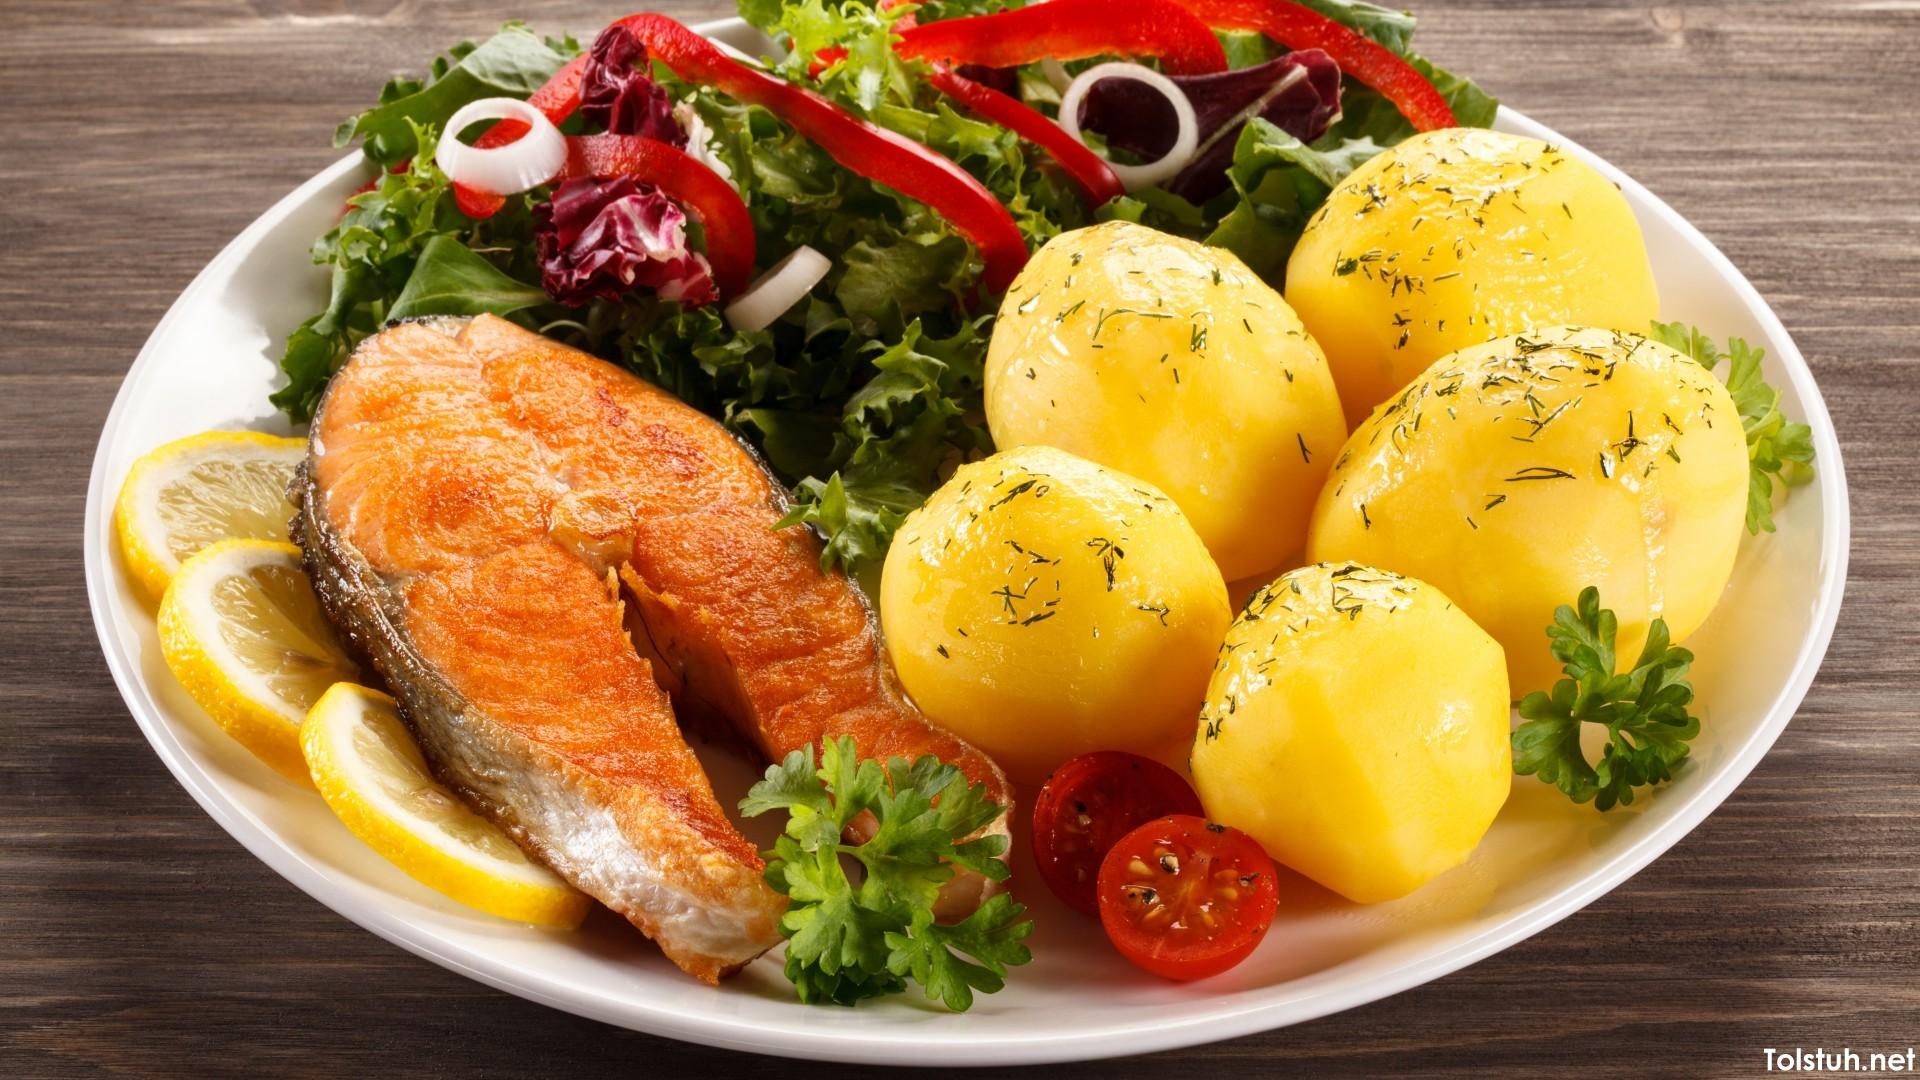 здоровое питание в мультиварке рецепты